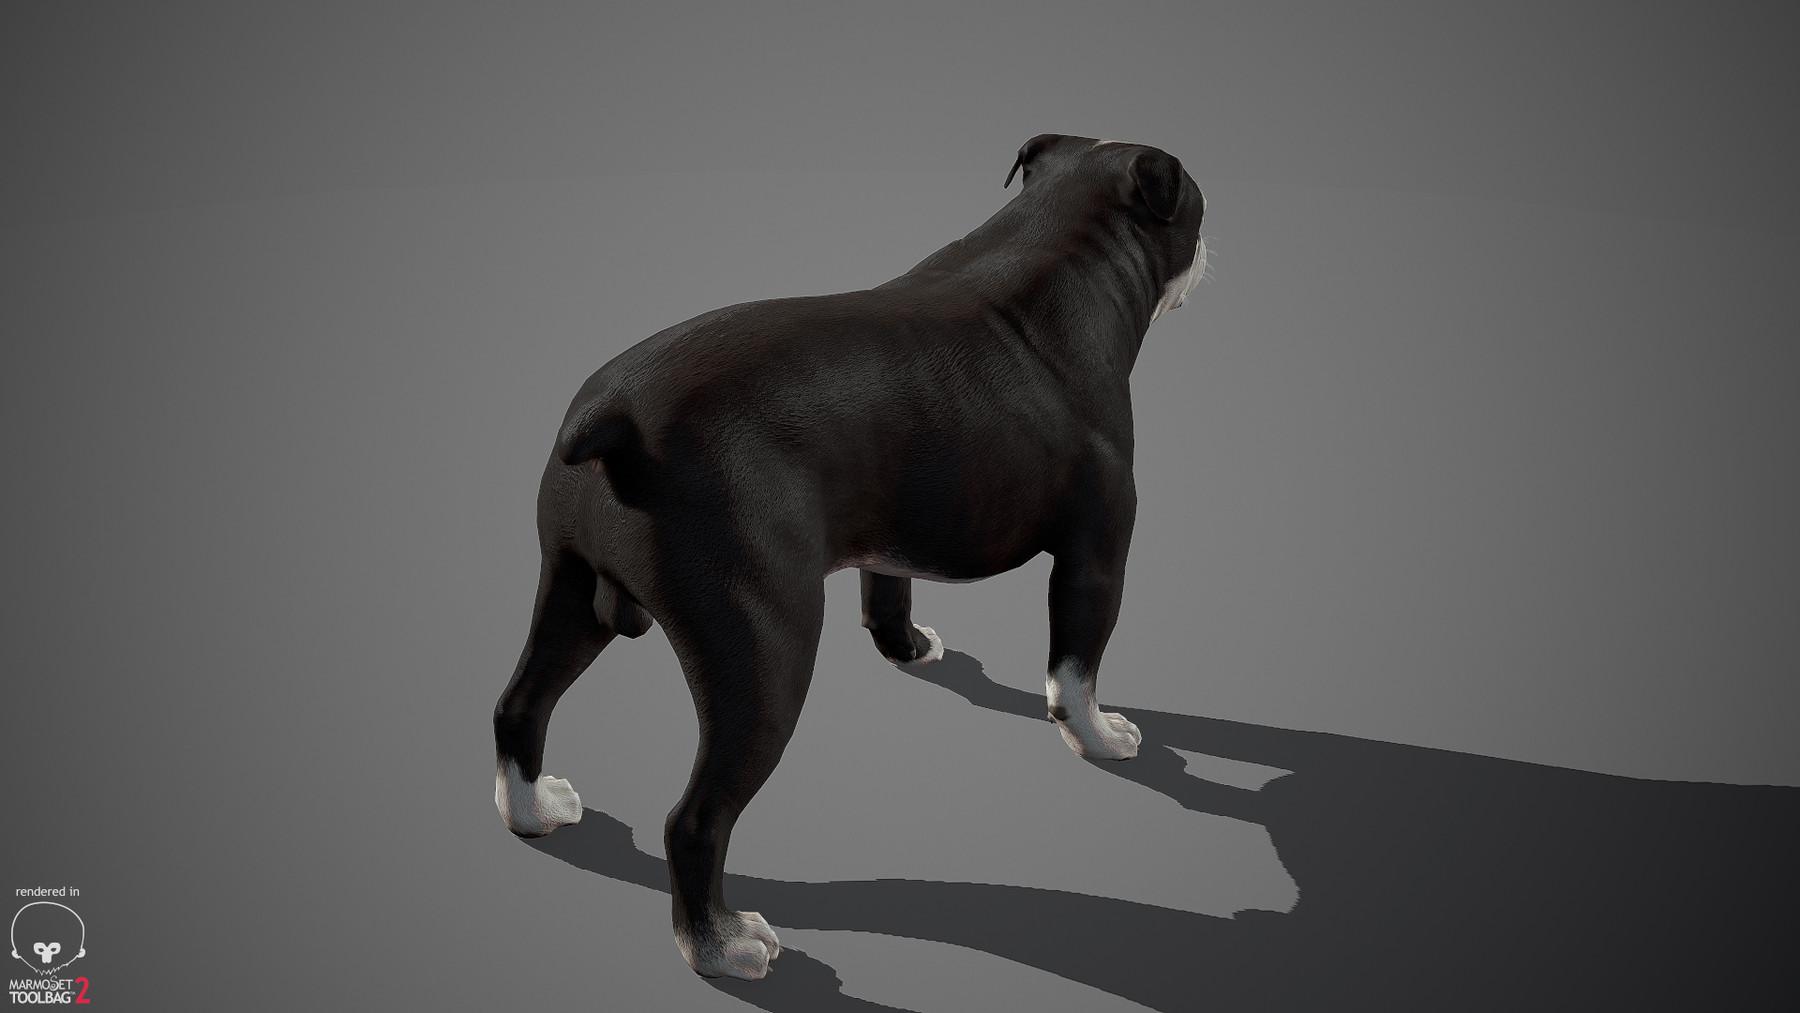 Englishbulldog by alexlashko marmoset 13